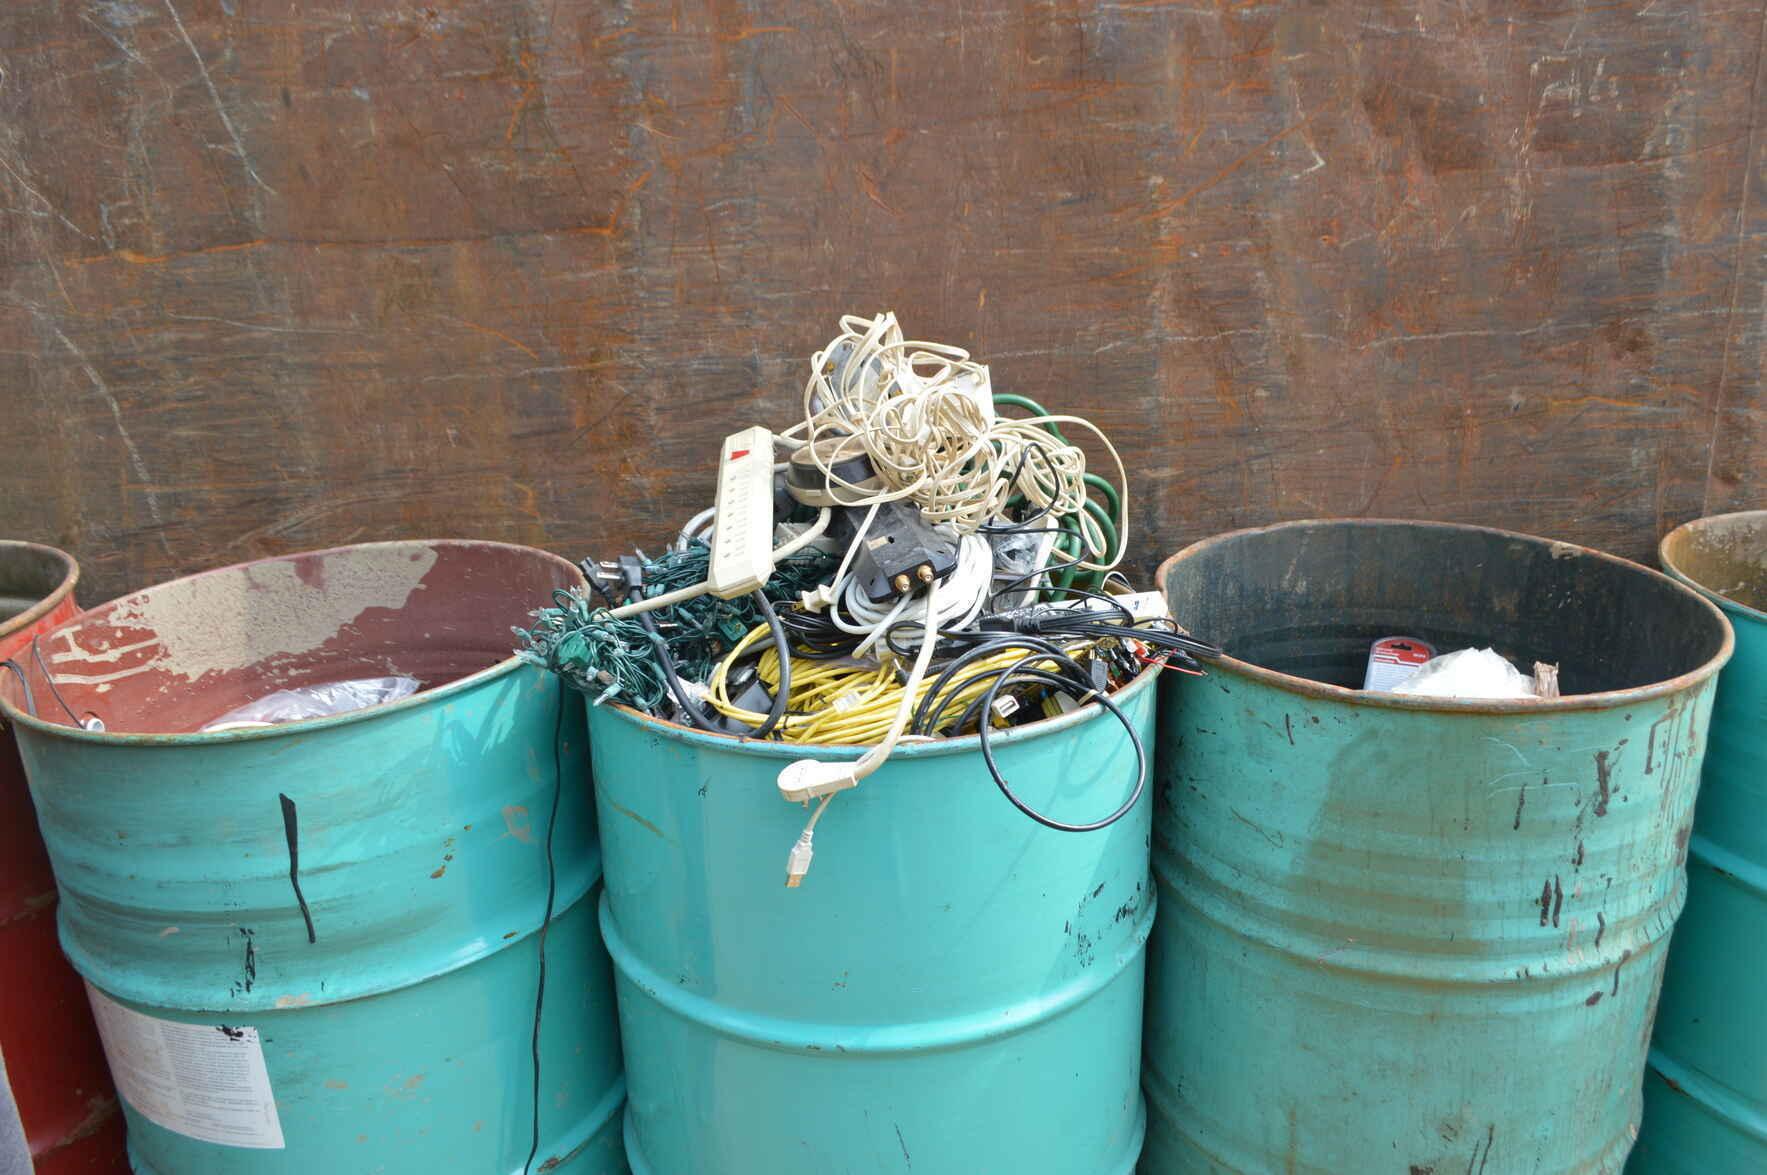 Hard 2 Recycle Henderson - Volunteer image